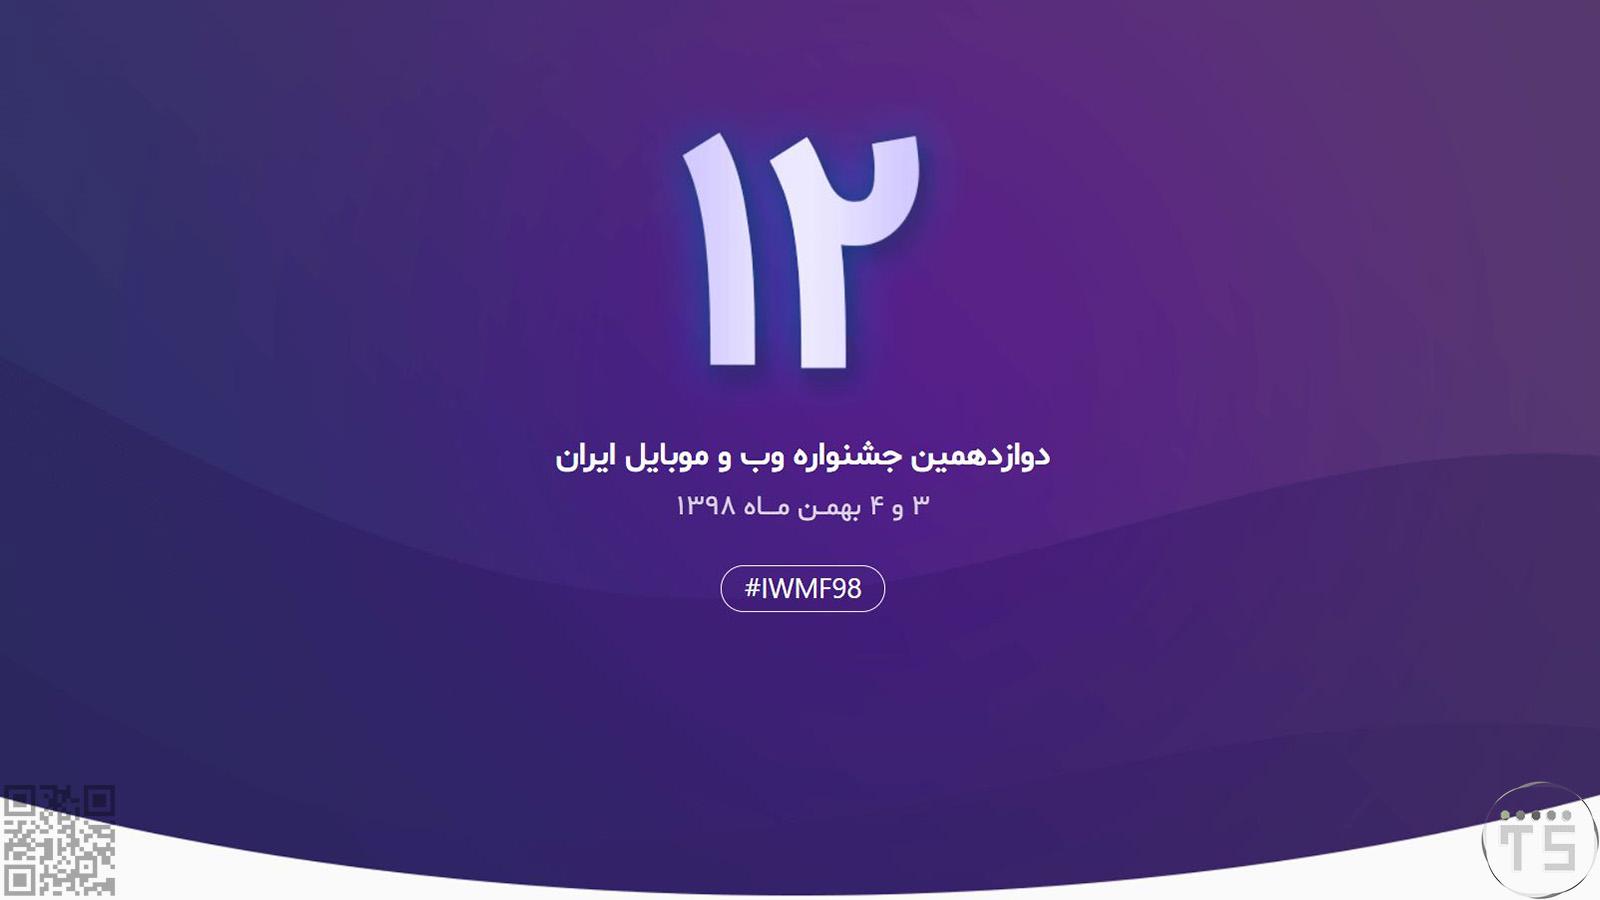 ایستگاه دوازدهم جشنواره وب و موبایل ایران